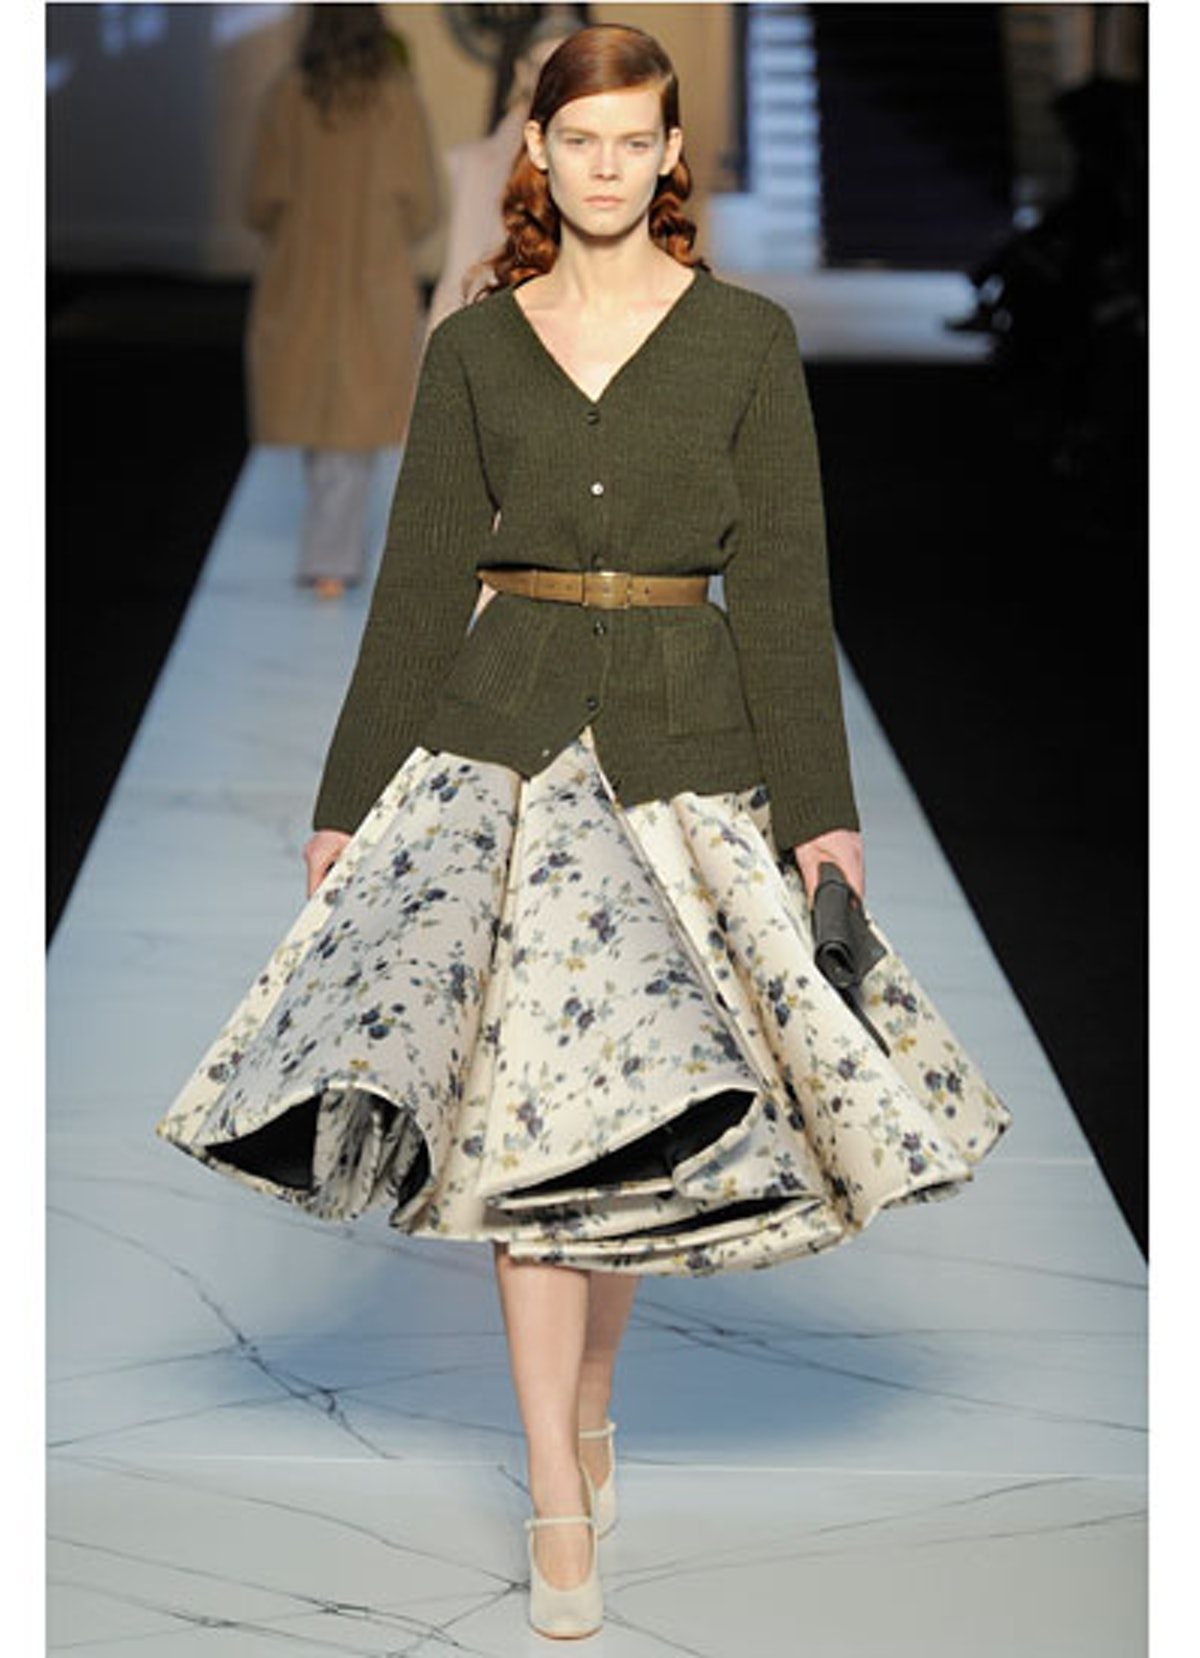 fass-best-skirts-of-fall-2013-08-v.jpg